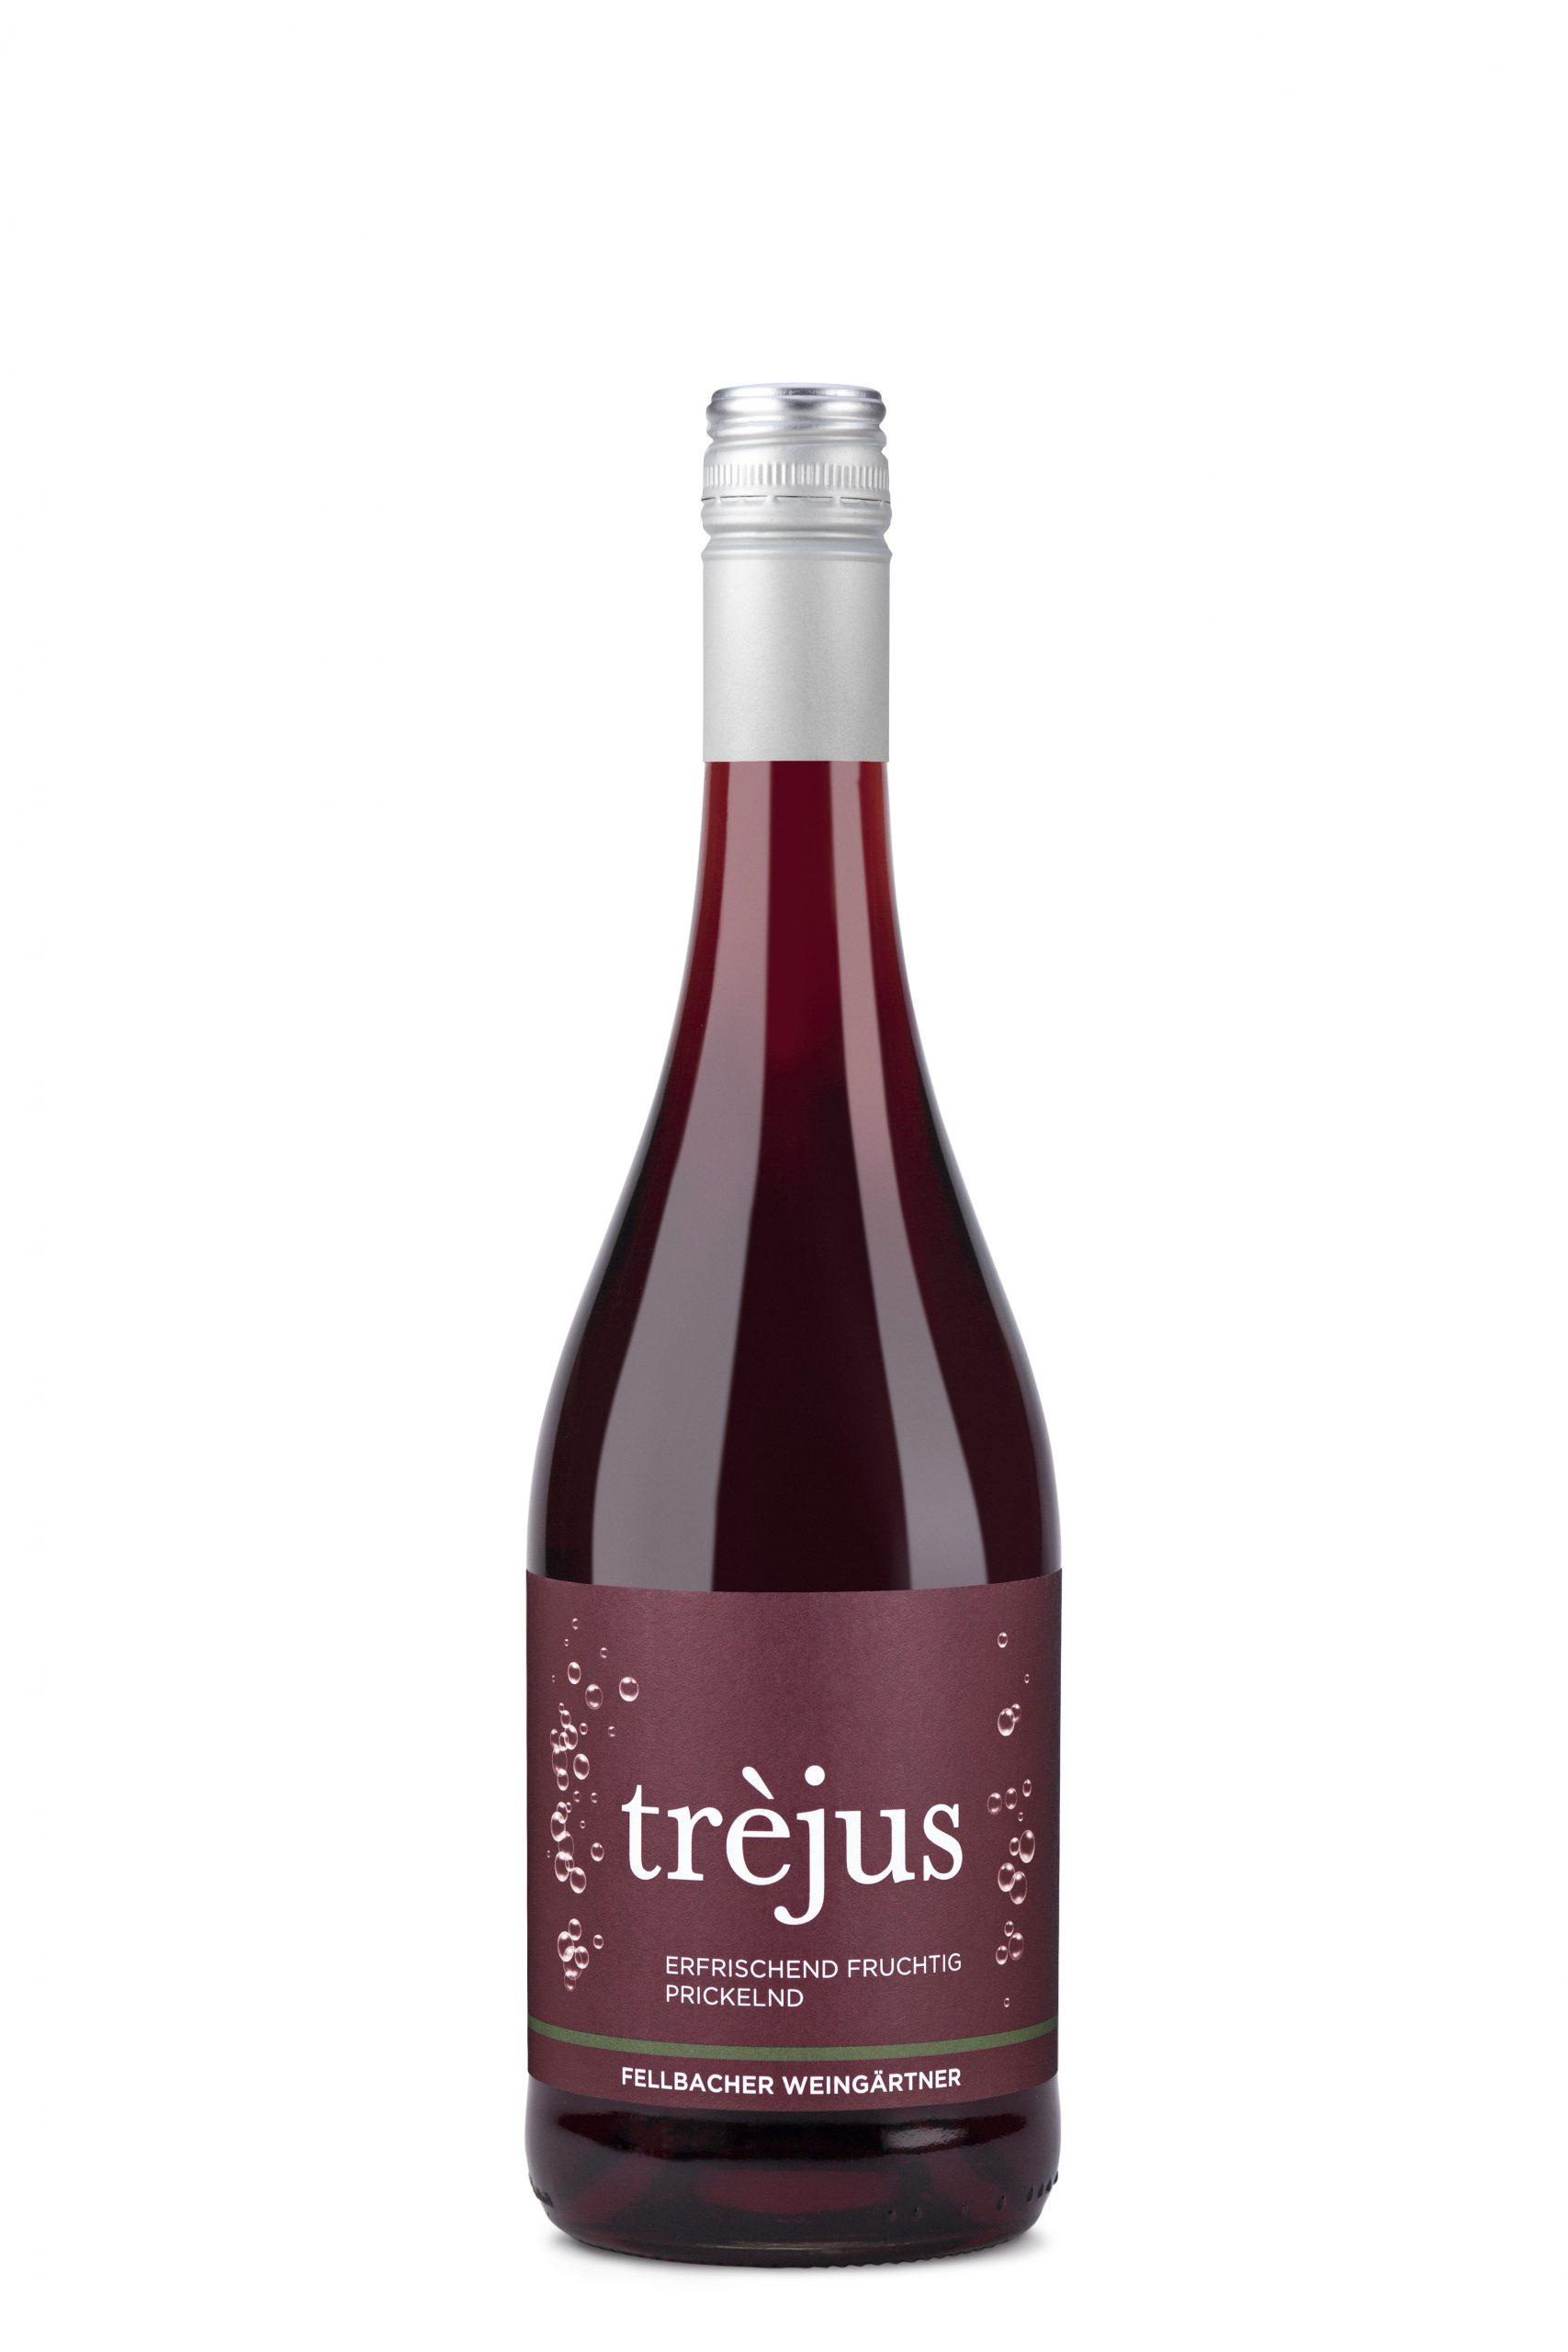 Der Trèjus der Fellbacher Weingärtner wurde mit Verjus verfeinert.